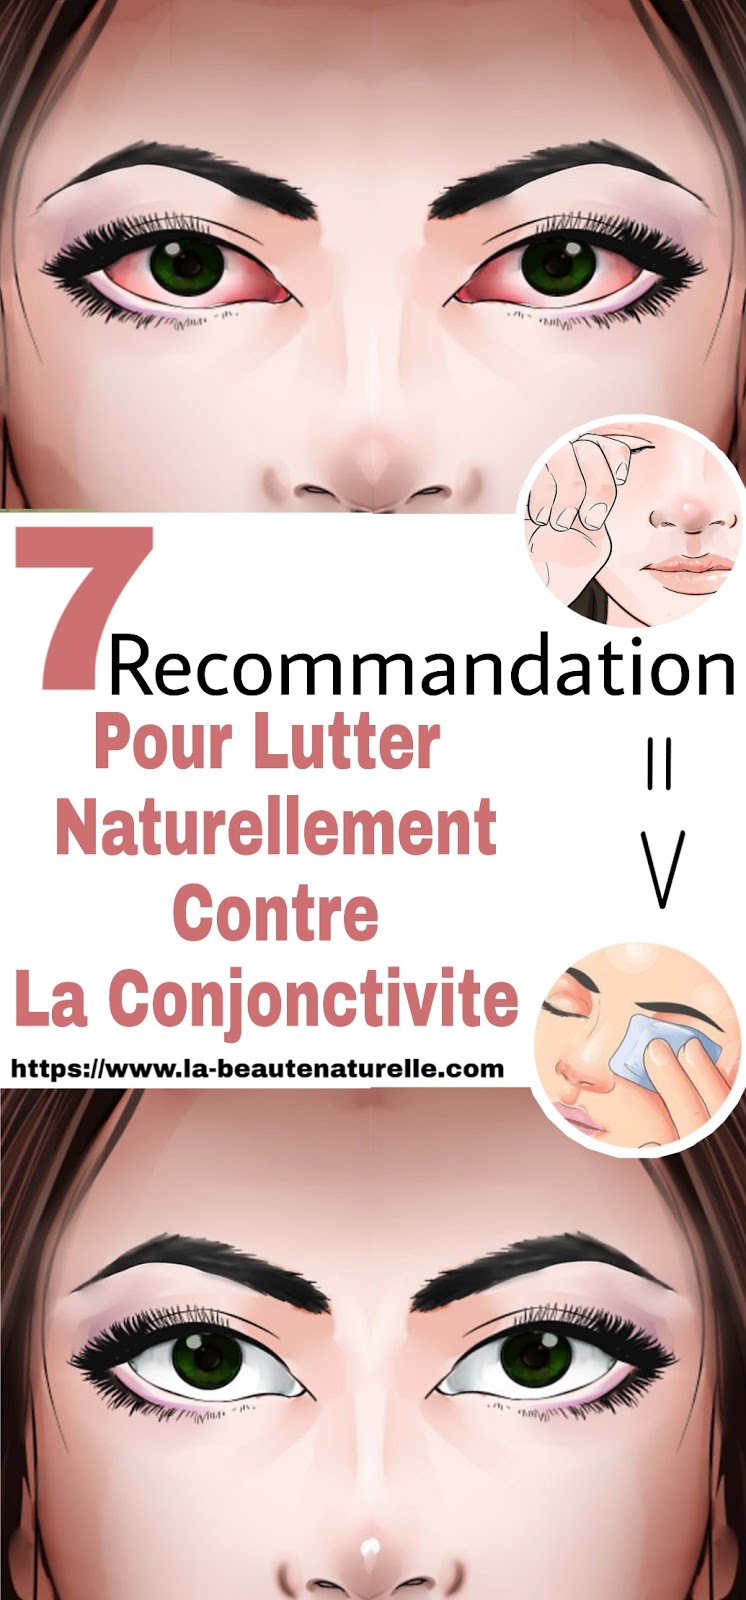 7 Recommandations Pour Lutter Naturellement Contre La Conjonctivite